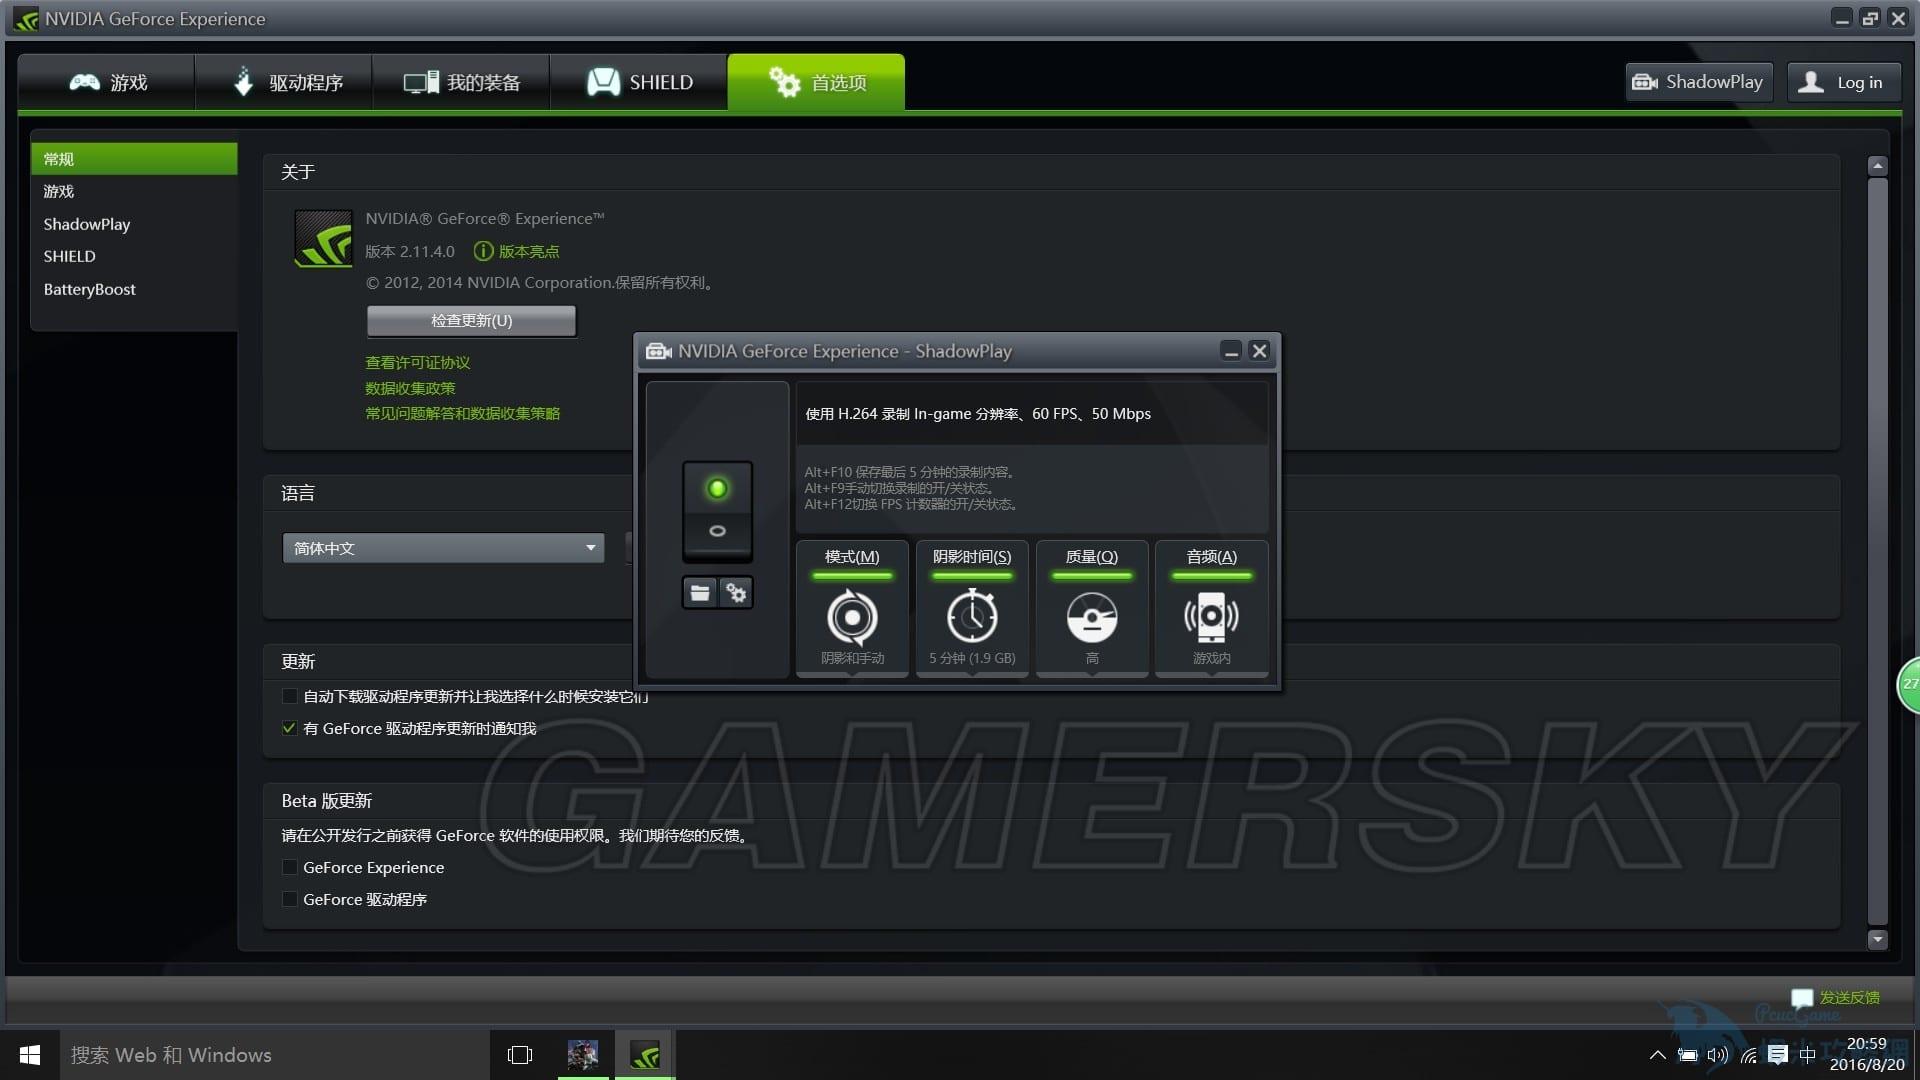 巫師3 NVIDIA Ansel截圖技術使用教學 巫師3Ansel怎麼用